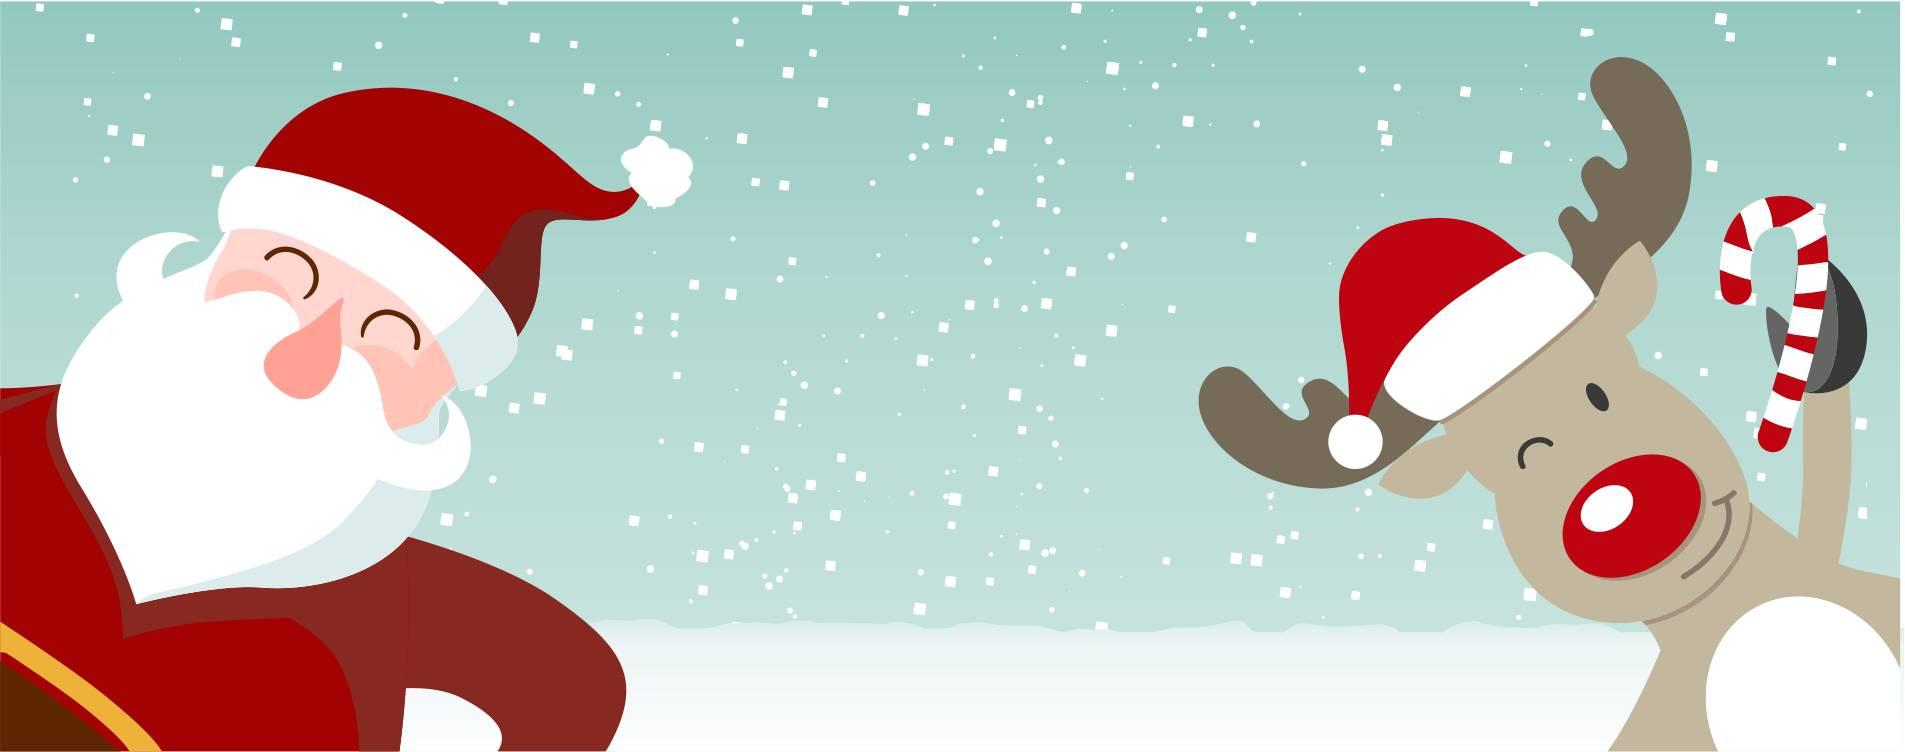 Weihnachtsgrüße Grundschule.Warten Sie Weihnachten It Zusammen It Hier Sind Die Kommenden